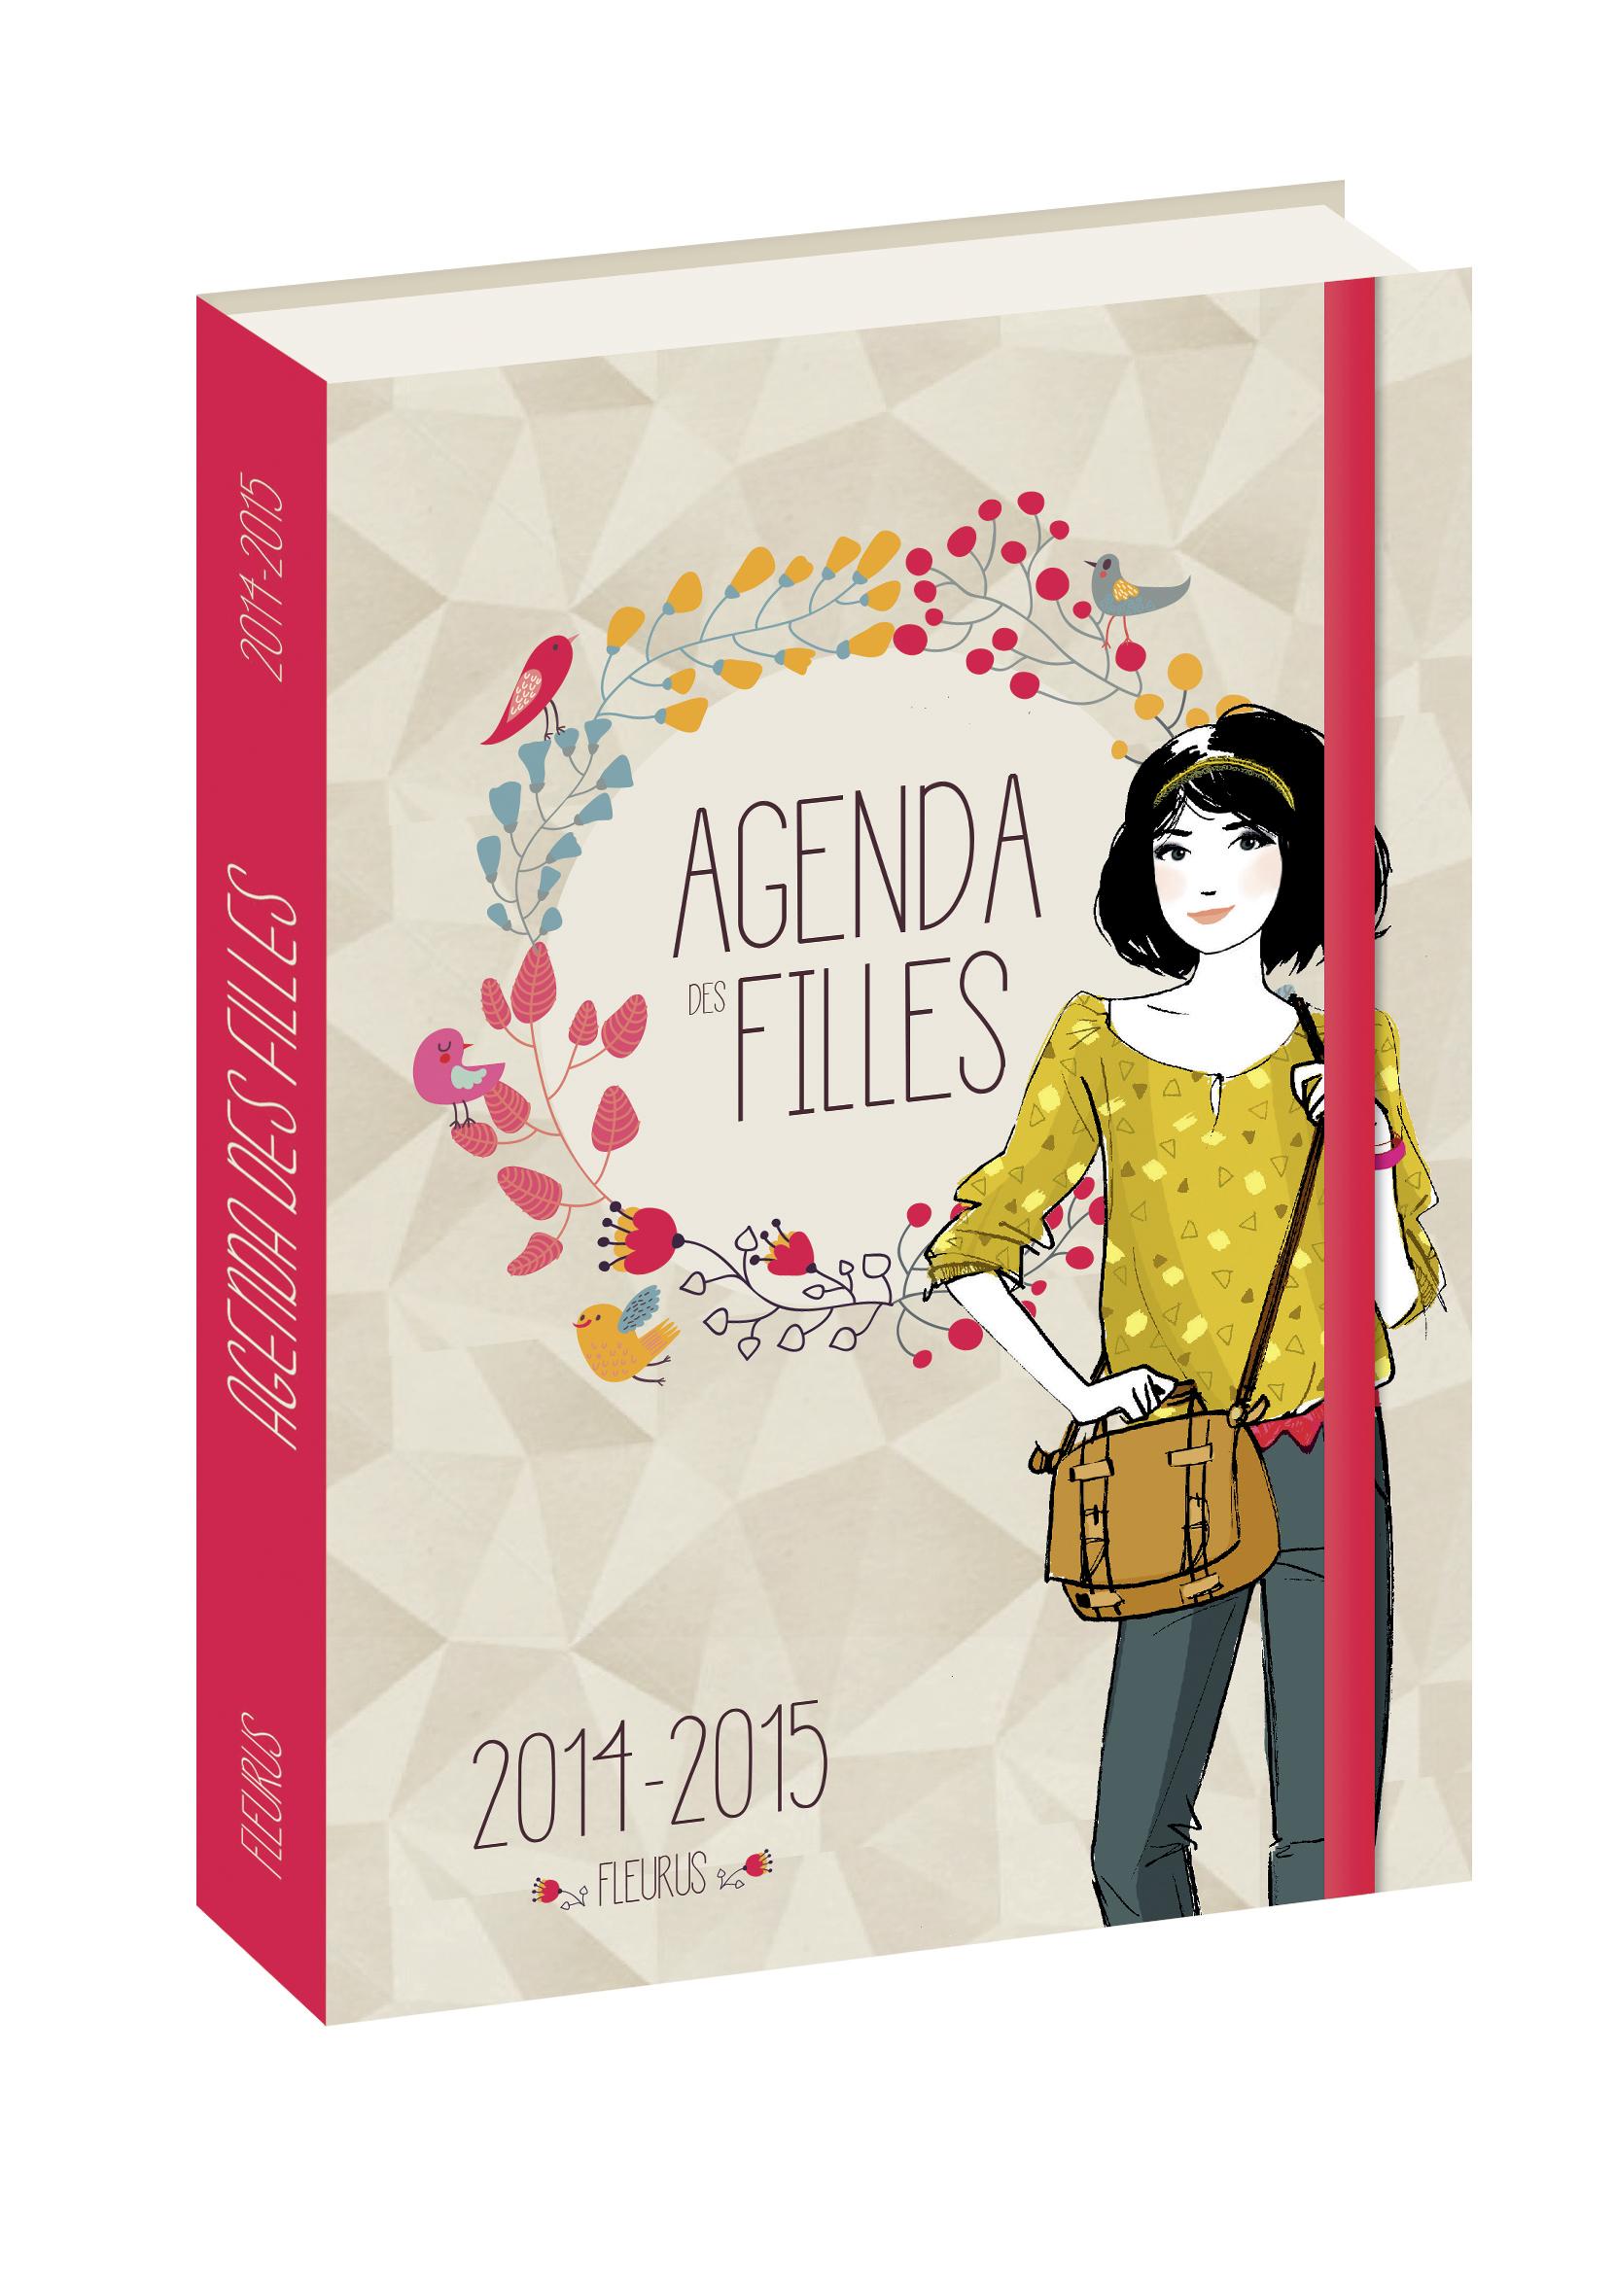 L'AGENDA DES FILLES 2014/2015